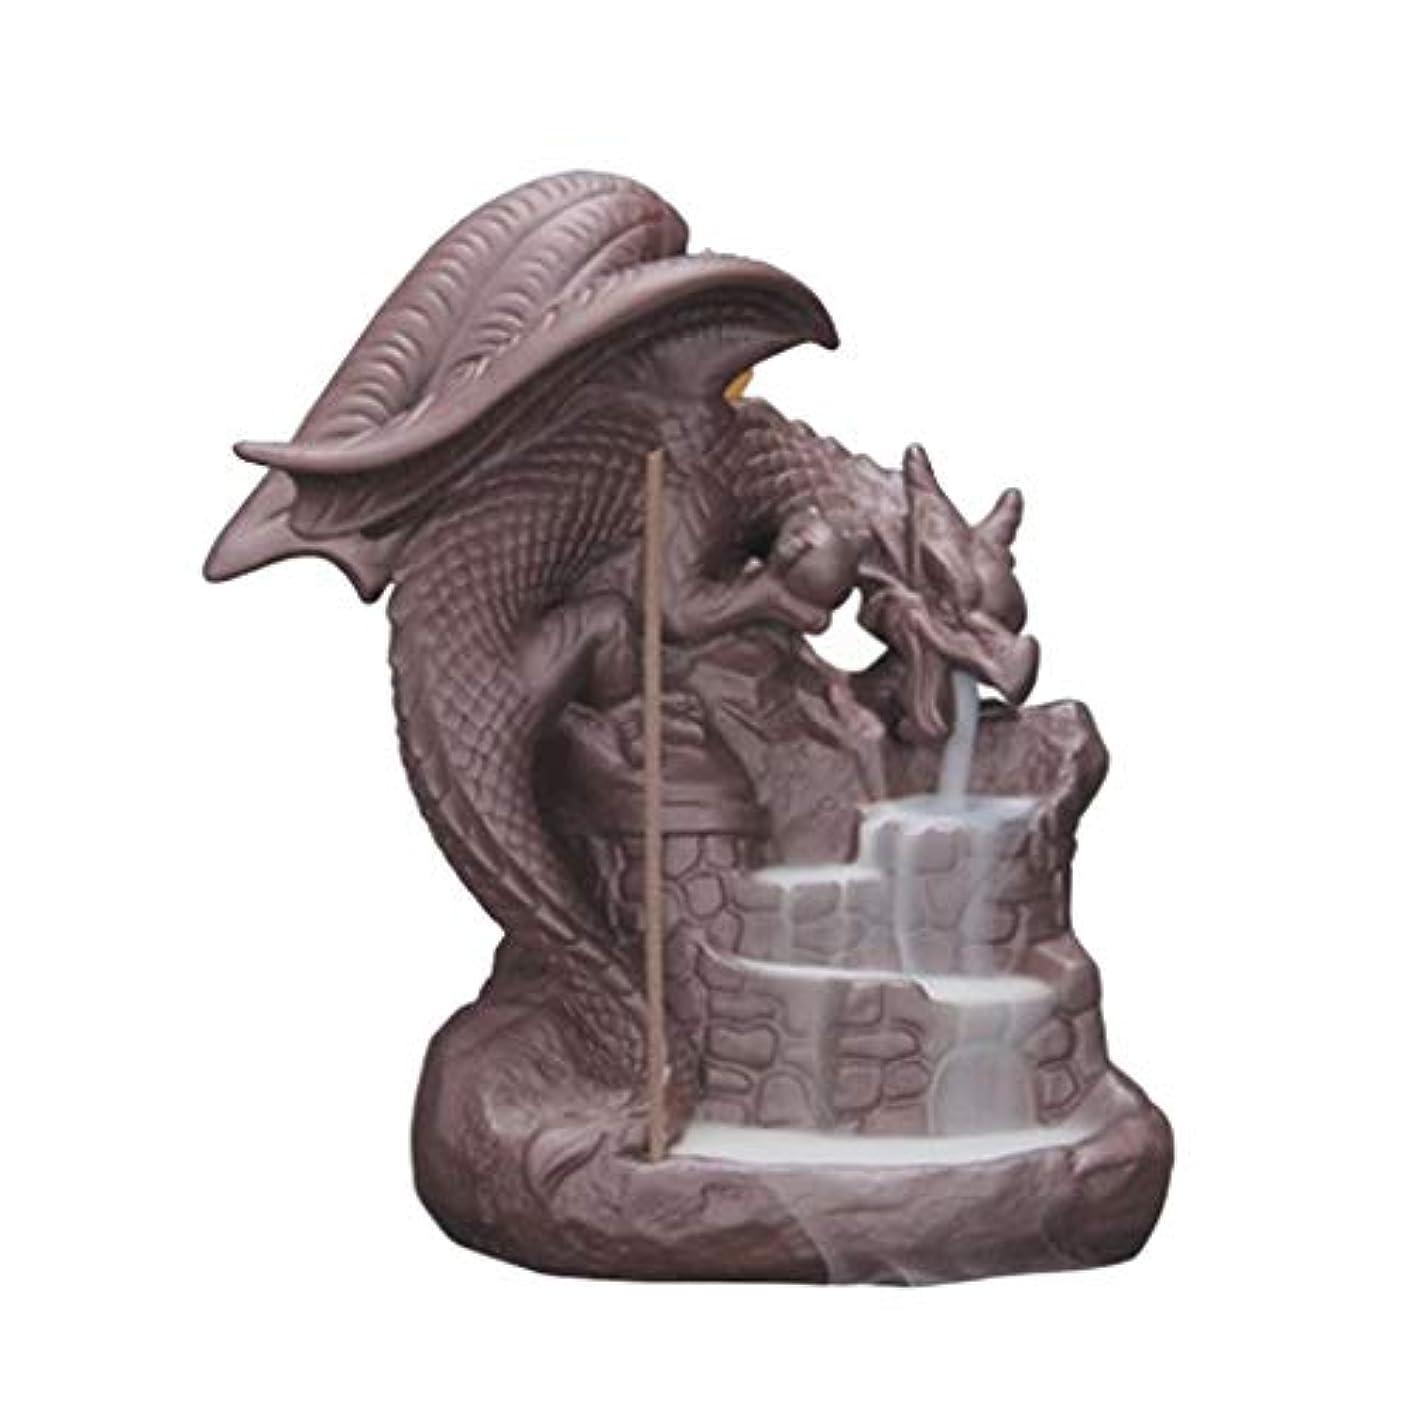 女王把握哲学ホームアロマバーナー セラミック逆流香バーナー香炉の家の装飾ドラゴン香ホルダーバーナー使用ホームオフィスの装飾ギフト 芳香器アロマバーナー (Color : B)